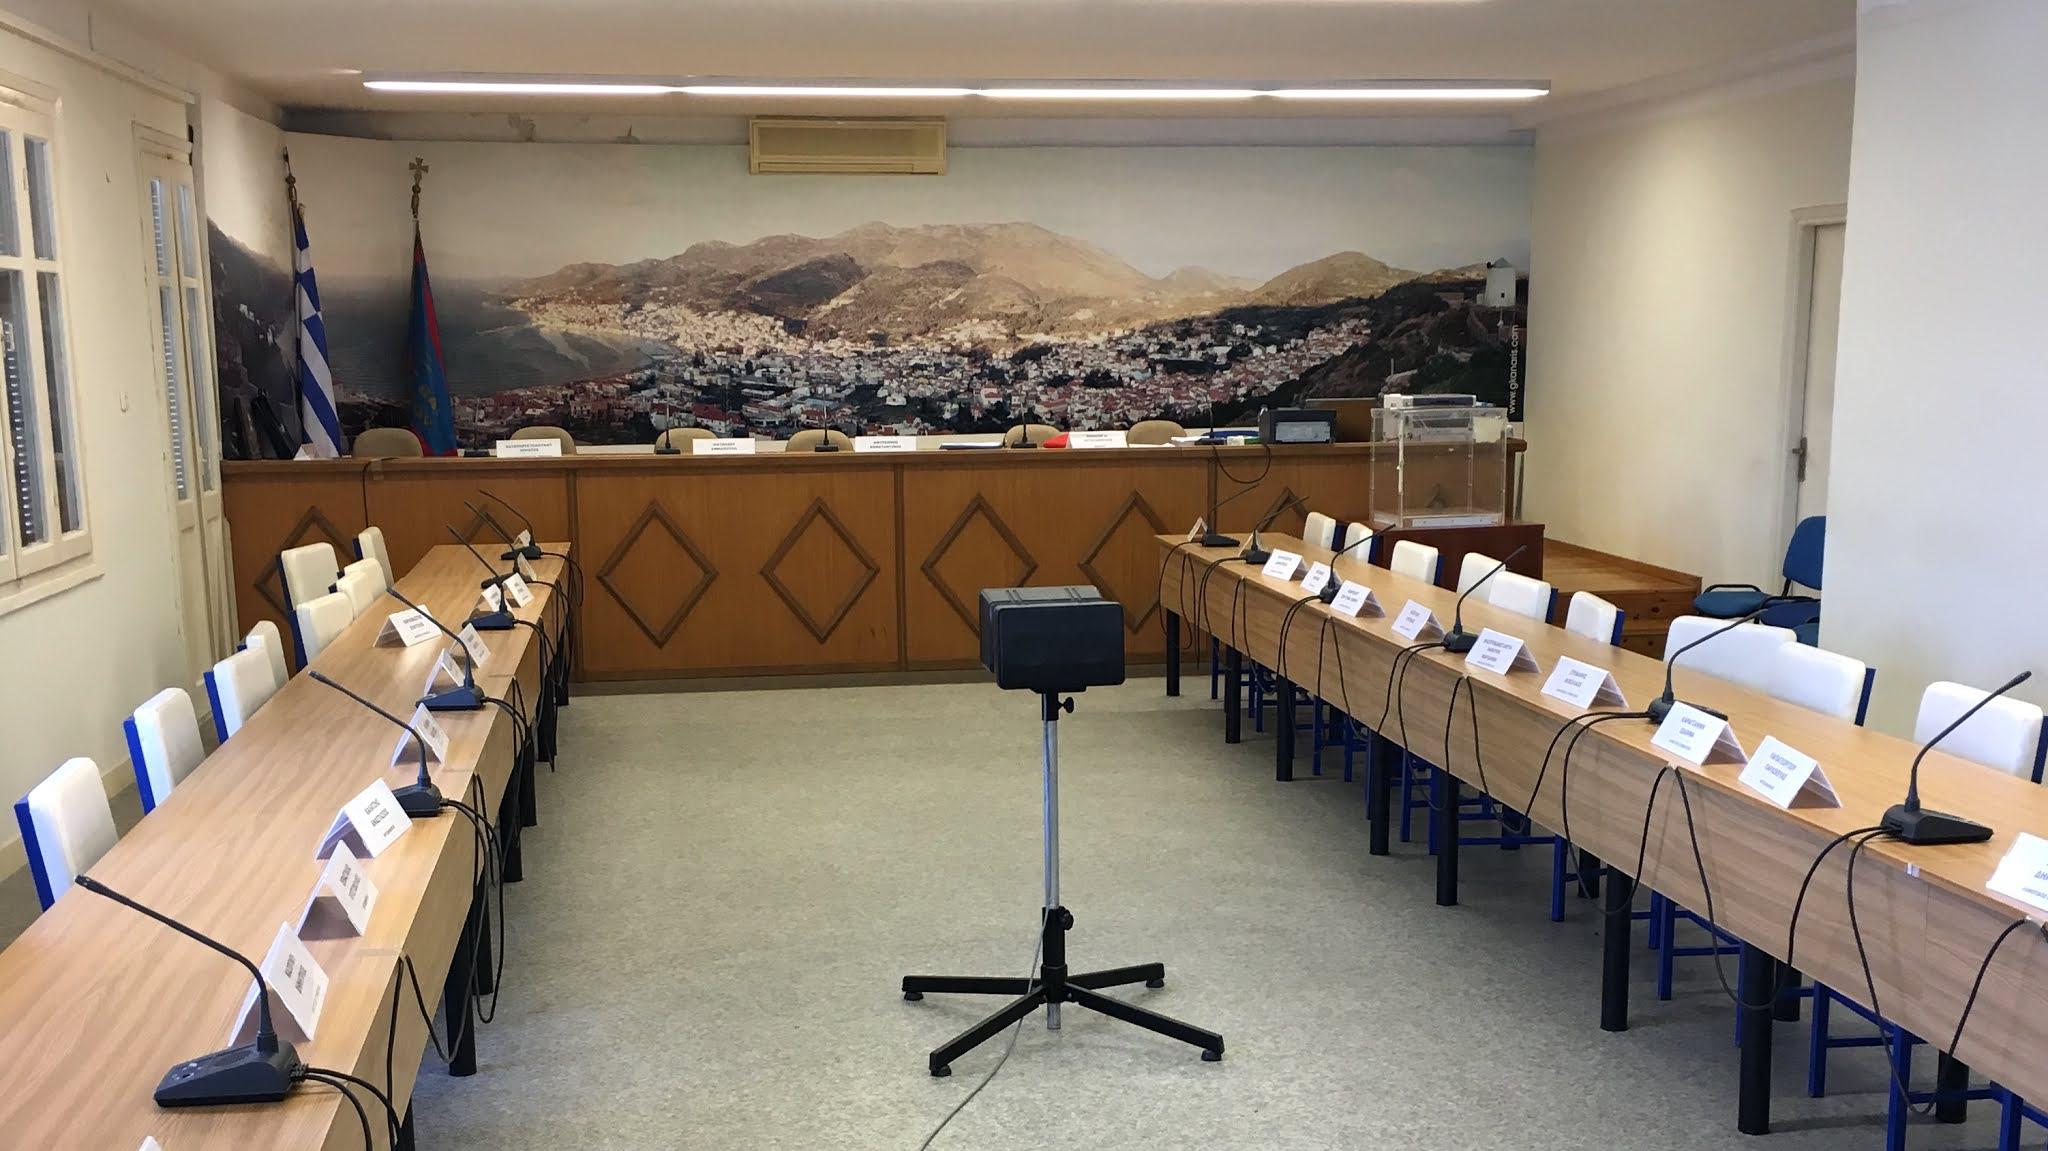 Συνεδριάζει το Δημοτικό Συμβούλιο Δήμου Ανατολικής Σάμου